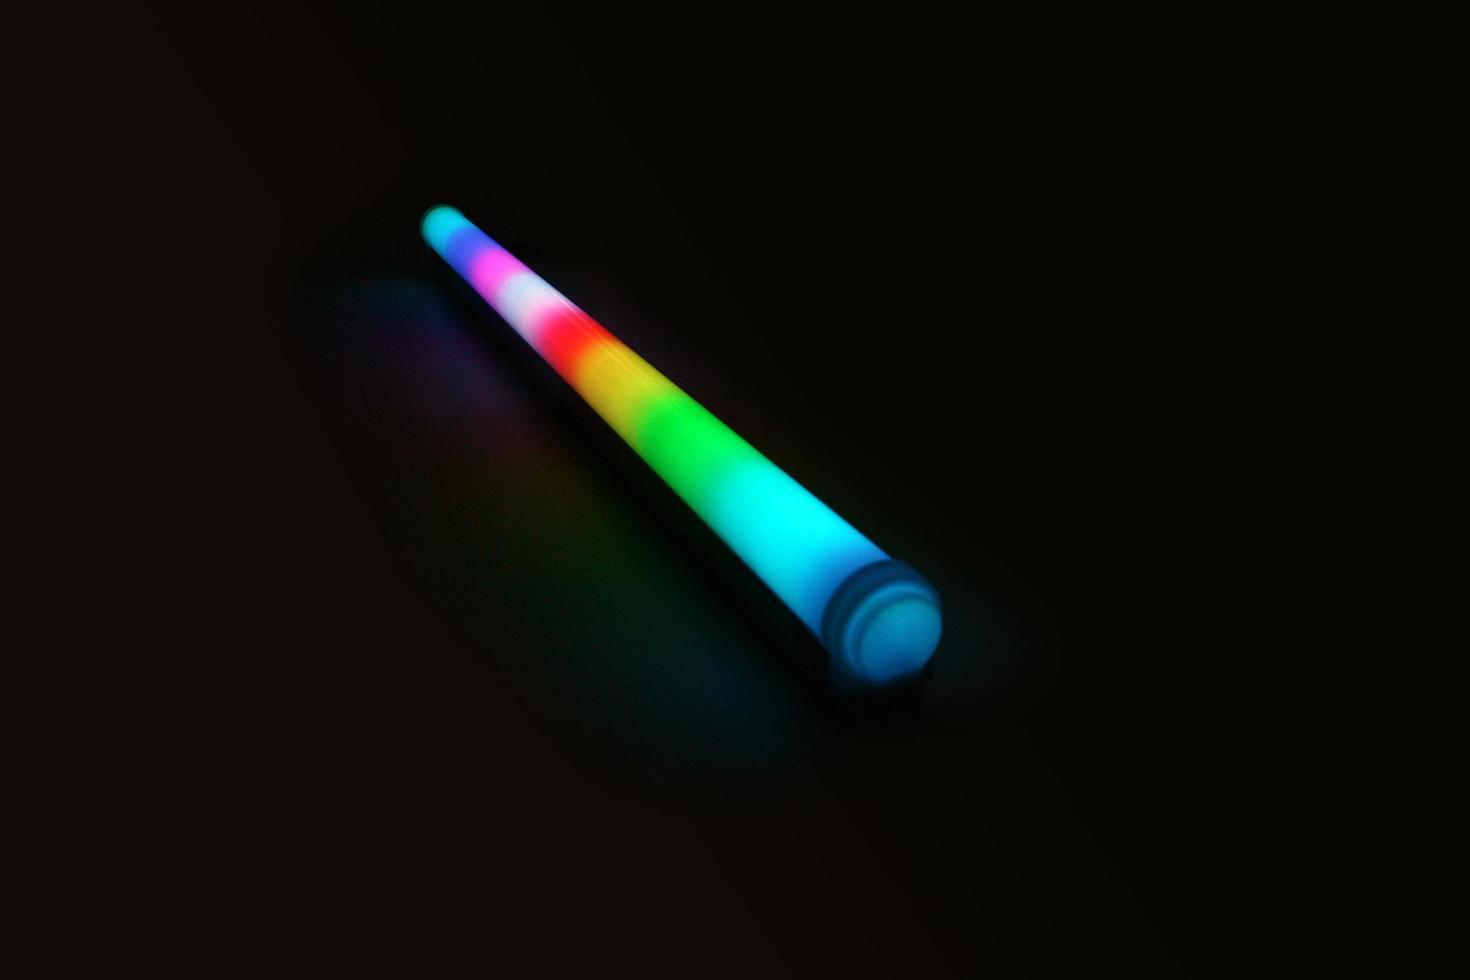 Luminarias led en varios colores para iluminación decorativa. foto